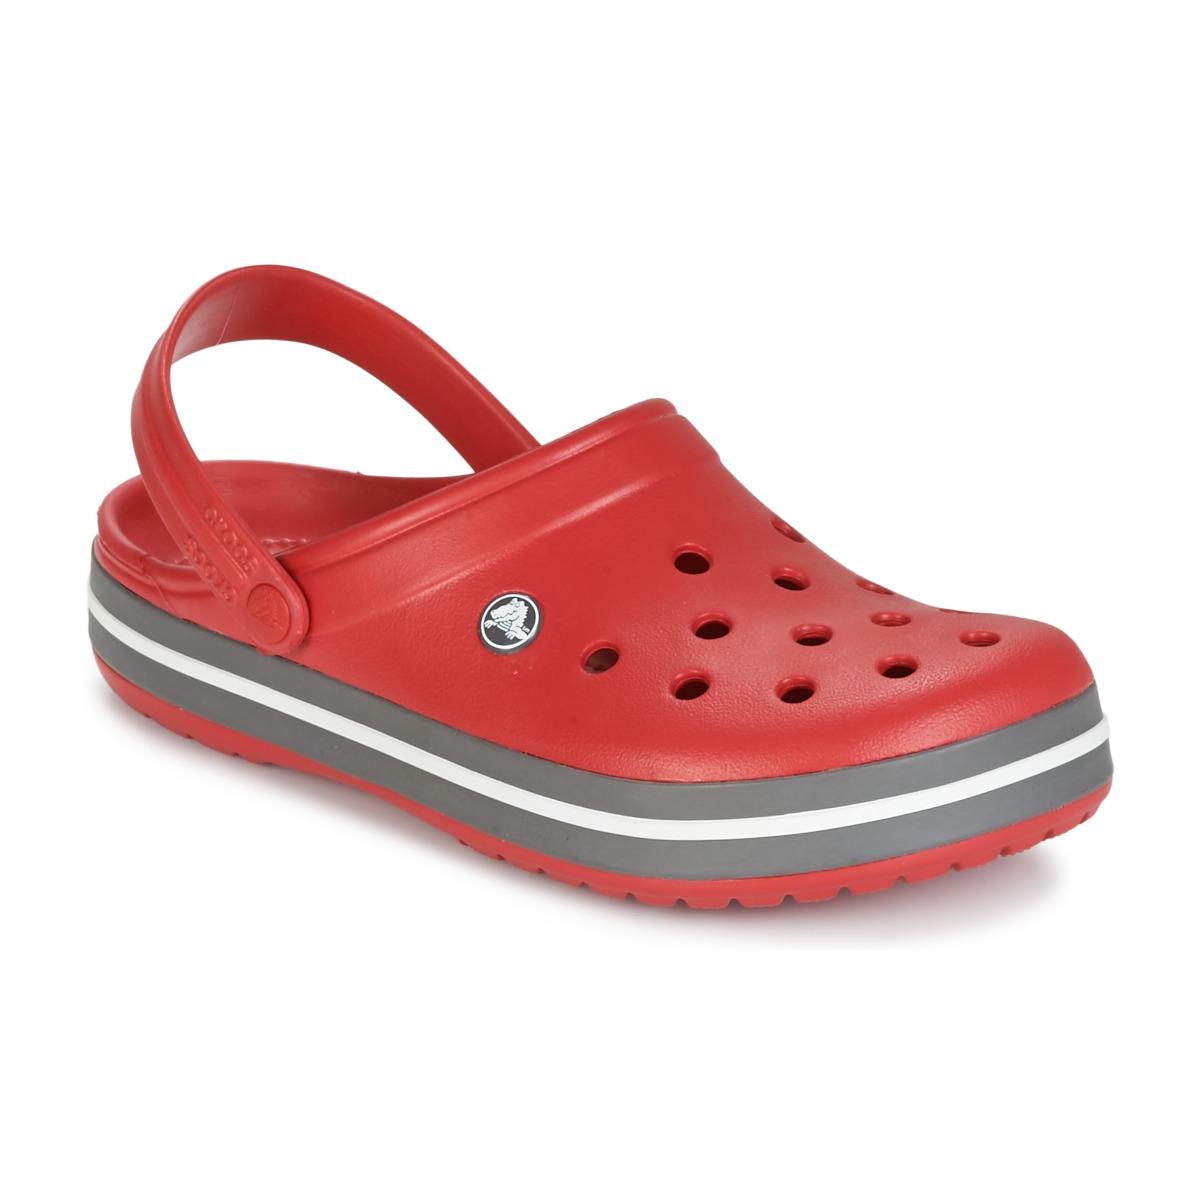 Crocs CROCBAND Rot - Kostenloser Versand bei Spartoode ! - Schuhe Pantoletten / Clogs  36,00 €